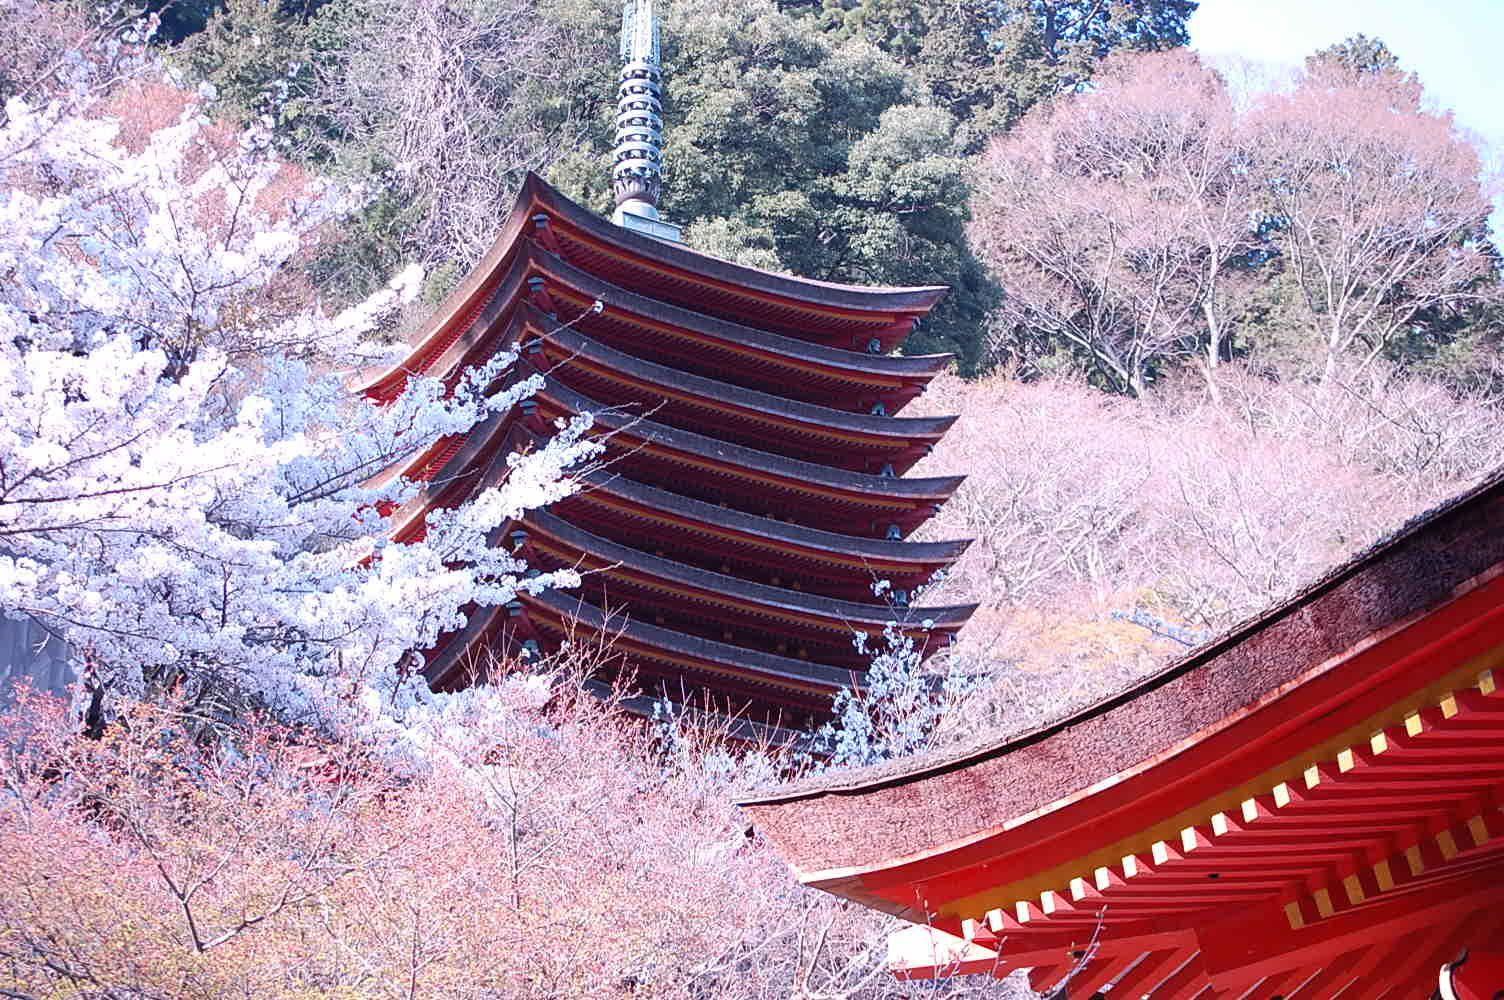 談山神社の春夏秋冬、すべての魅力を氏子総代が解き明かす_a0237937_20522365.jpg